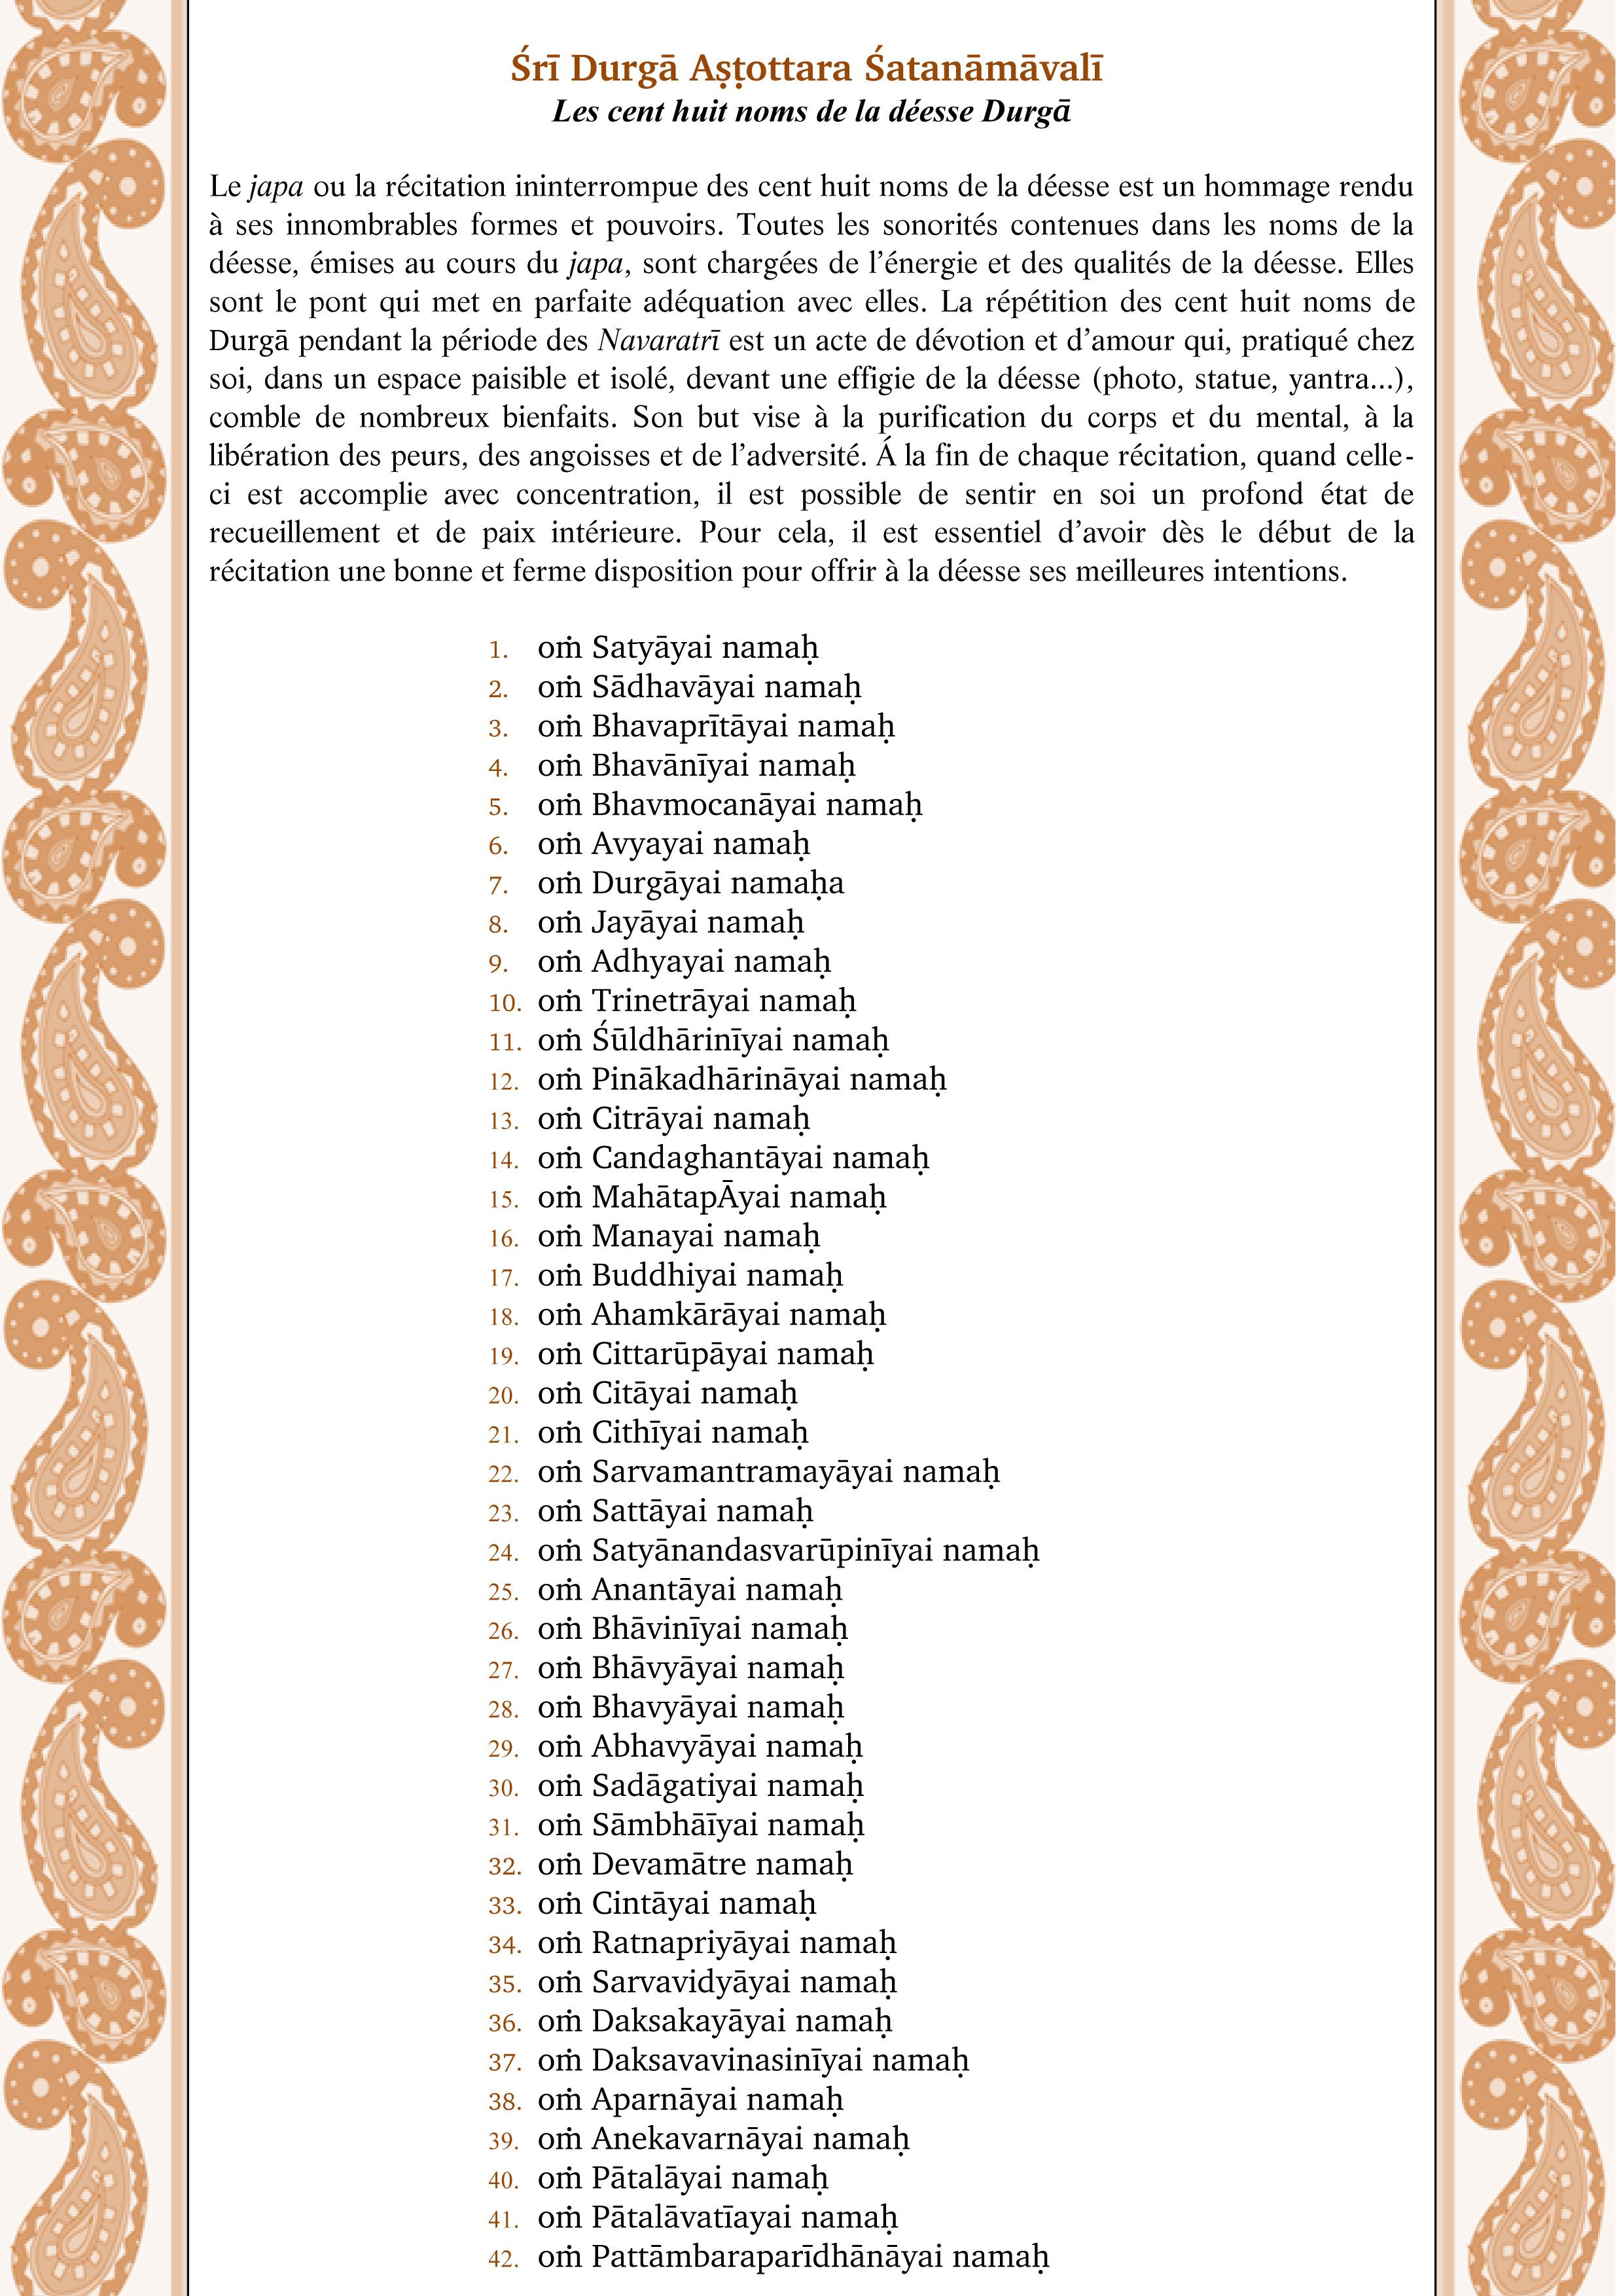 108 noms de Durgâ-1